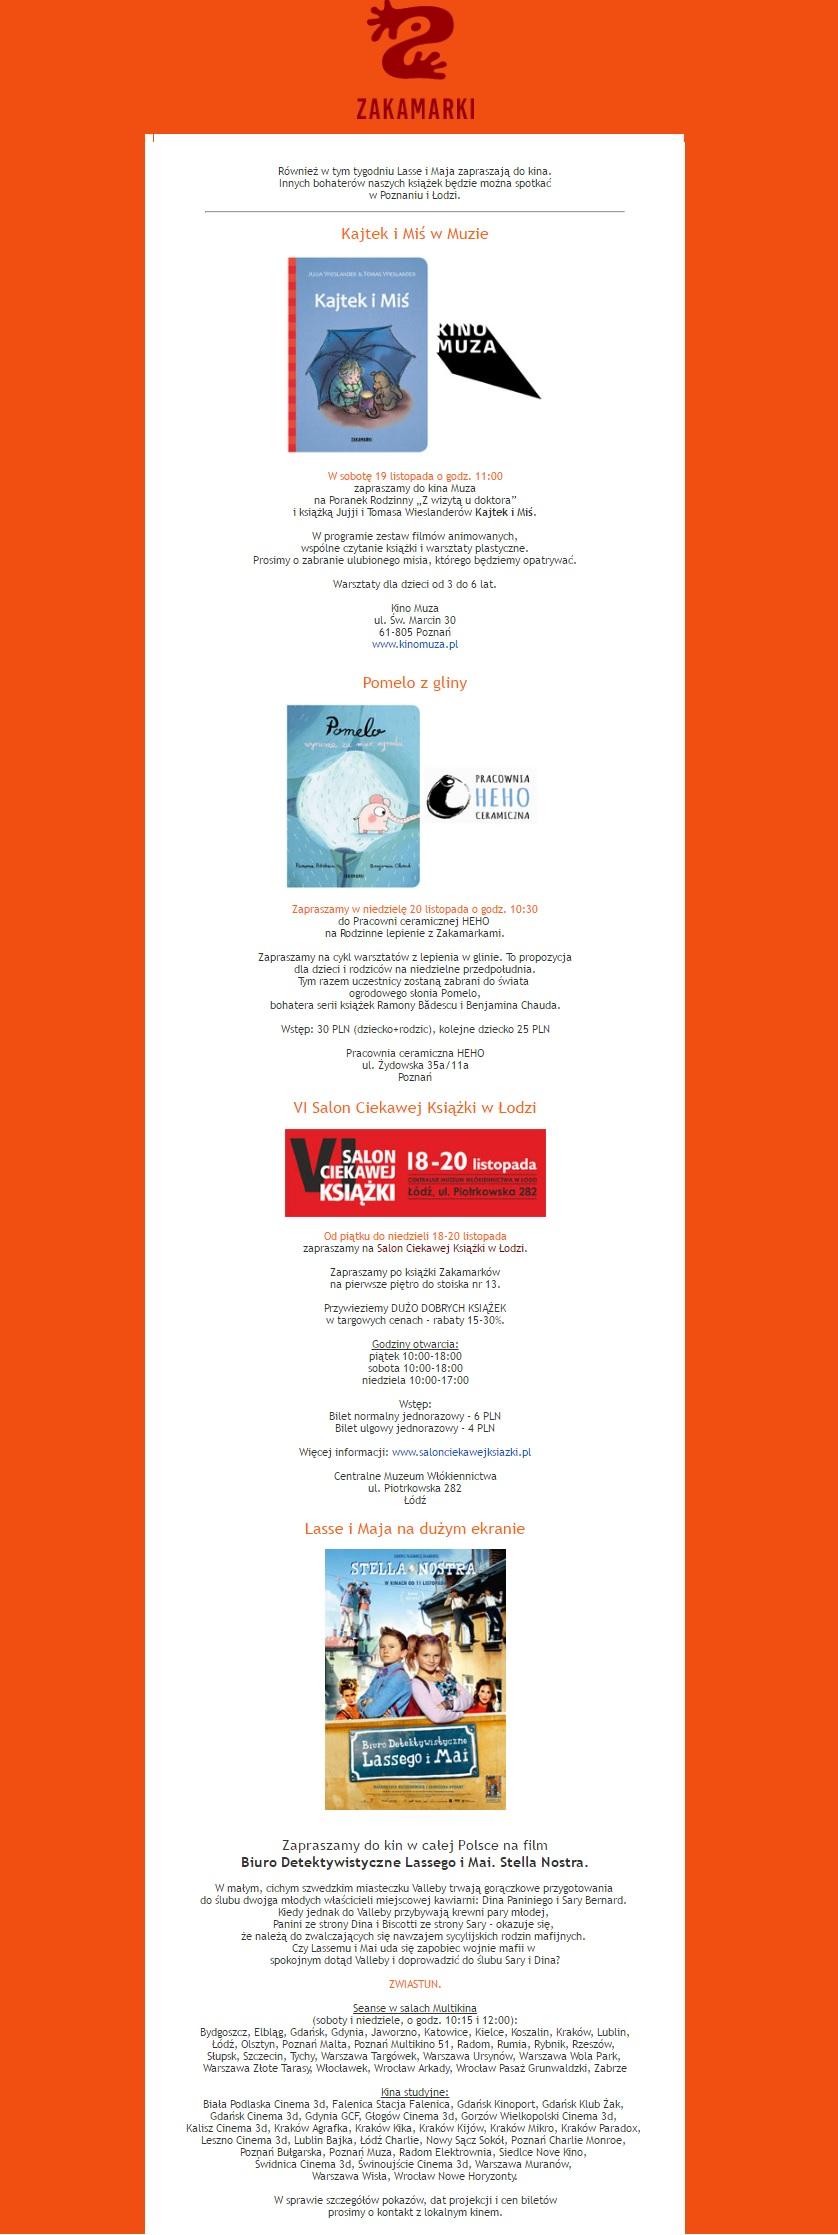 imprezy-dla-dzieci-i-nie-tylko-w-poznaniu-lodzi-i-warszawie-spotkania-autorskie-oraz-targi-ksiazki